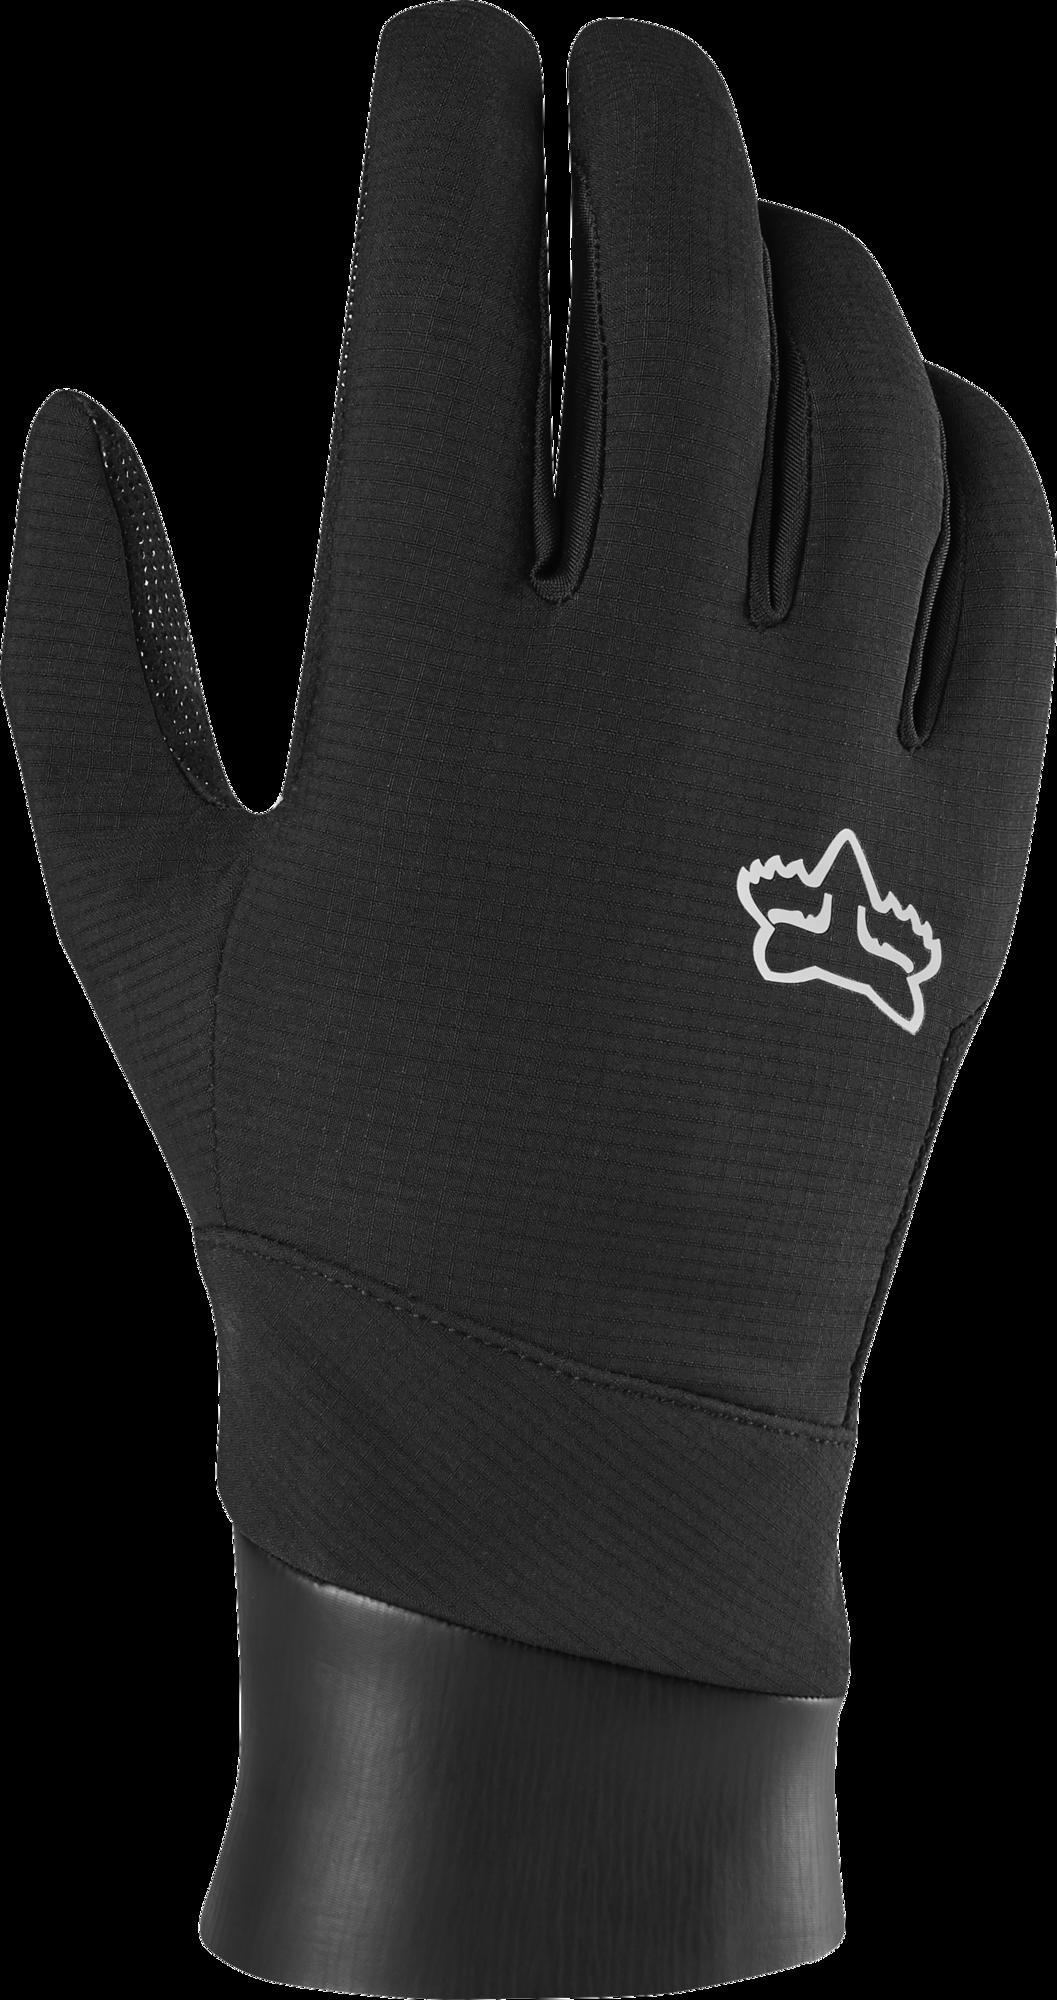 Glove Gants Pro Vtt De Fox Attack Fire Black DEH29I